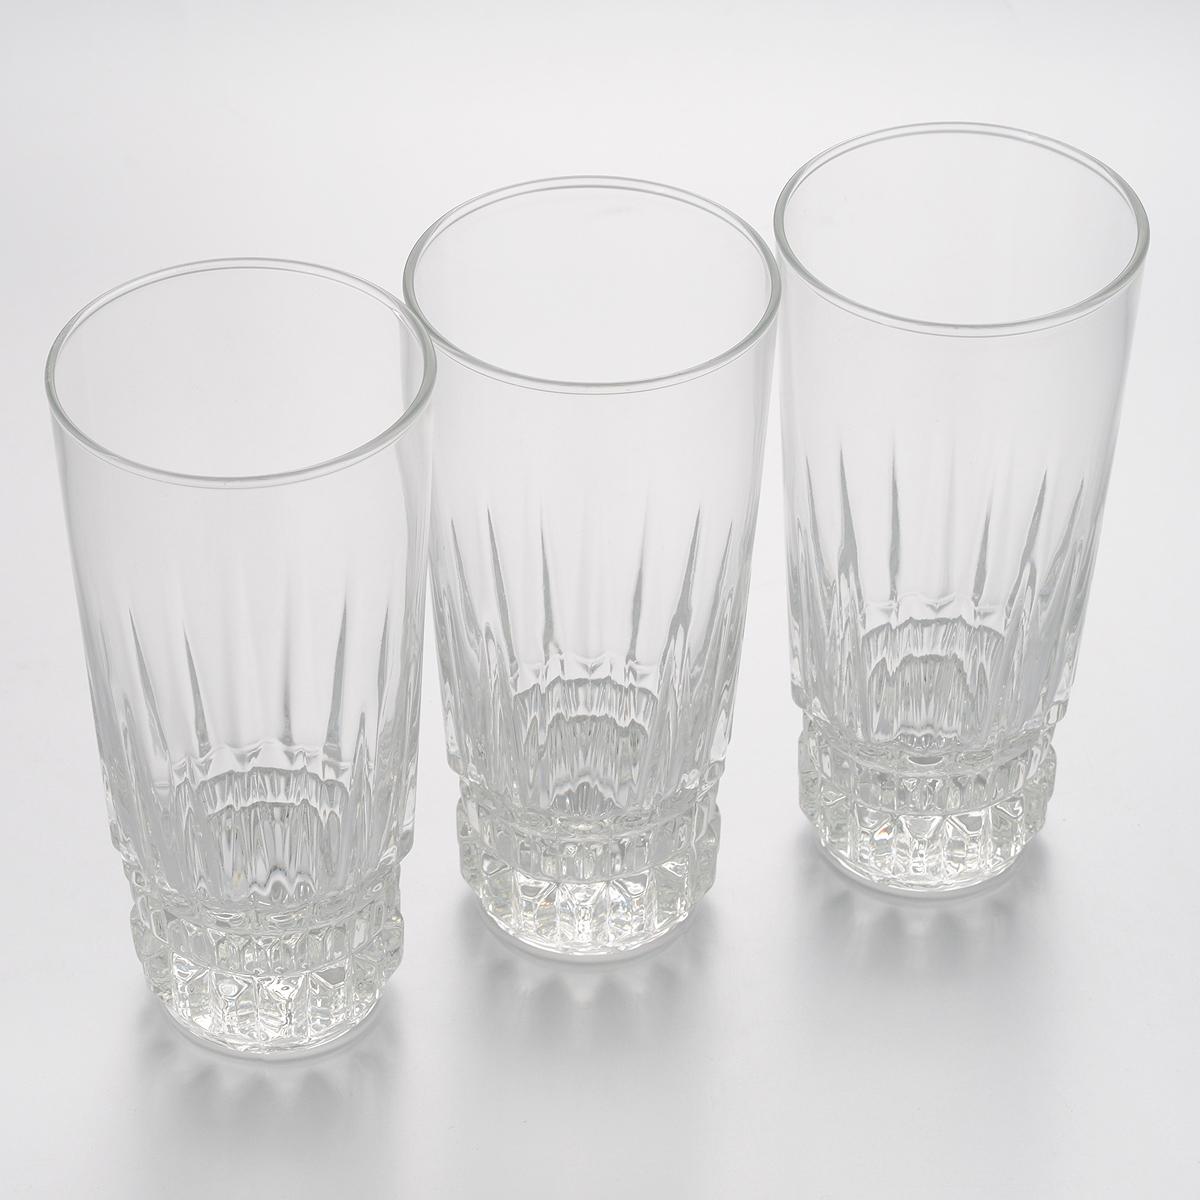 Набор стаканов Luminarc Imperator, 310 мл, 3 штVT-1520(SR)Набор Luminarc Imperator состоит из трех стаканов, выполненных из высококачественного стекла.Изделия предназначены для подачи воды и других безалкогольных напитков. Они отличаютсяособой легкостью ипрочностью, излучают приятный блеск и издают мелодичный хрустальный звон.Стаканы станут идеальным украшением праздничного стола и отличным подарком к любомупразднику.Диаметр стакана (по верхнему краю): 7 см.Высота: 15 см.